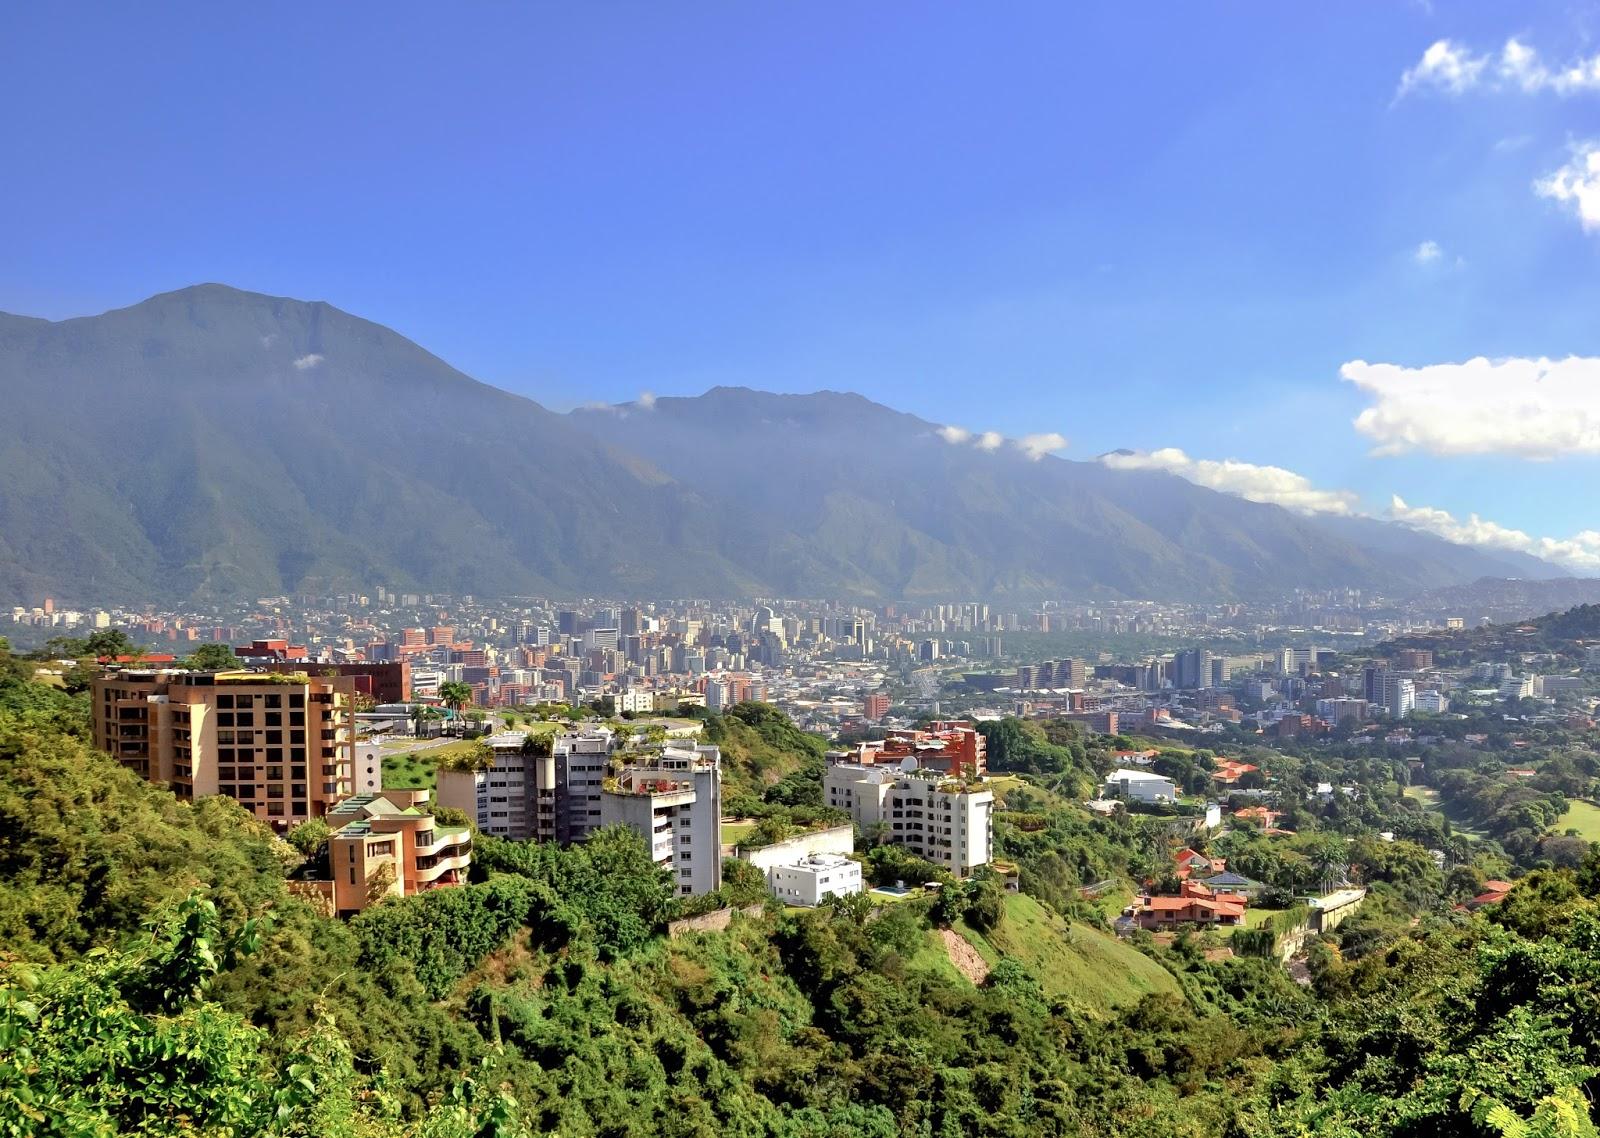 Kibany venezolana cerro de buena vista villa malls 1